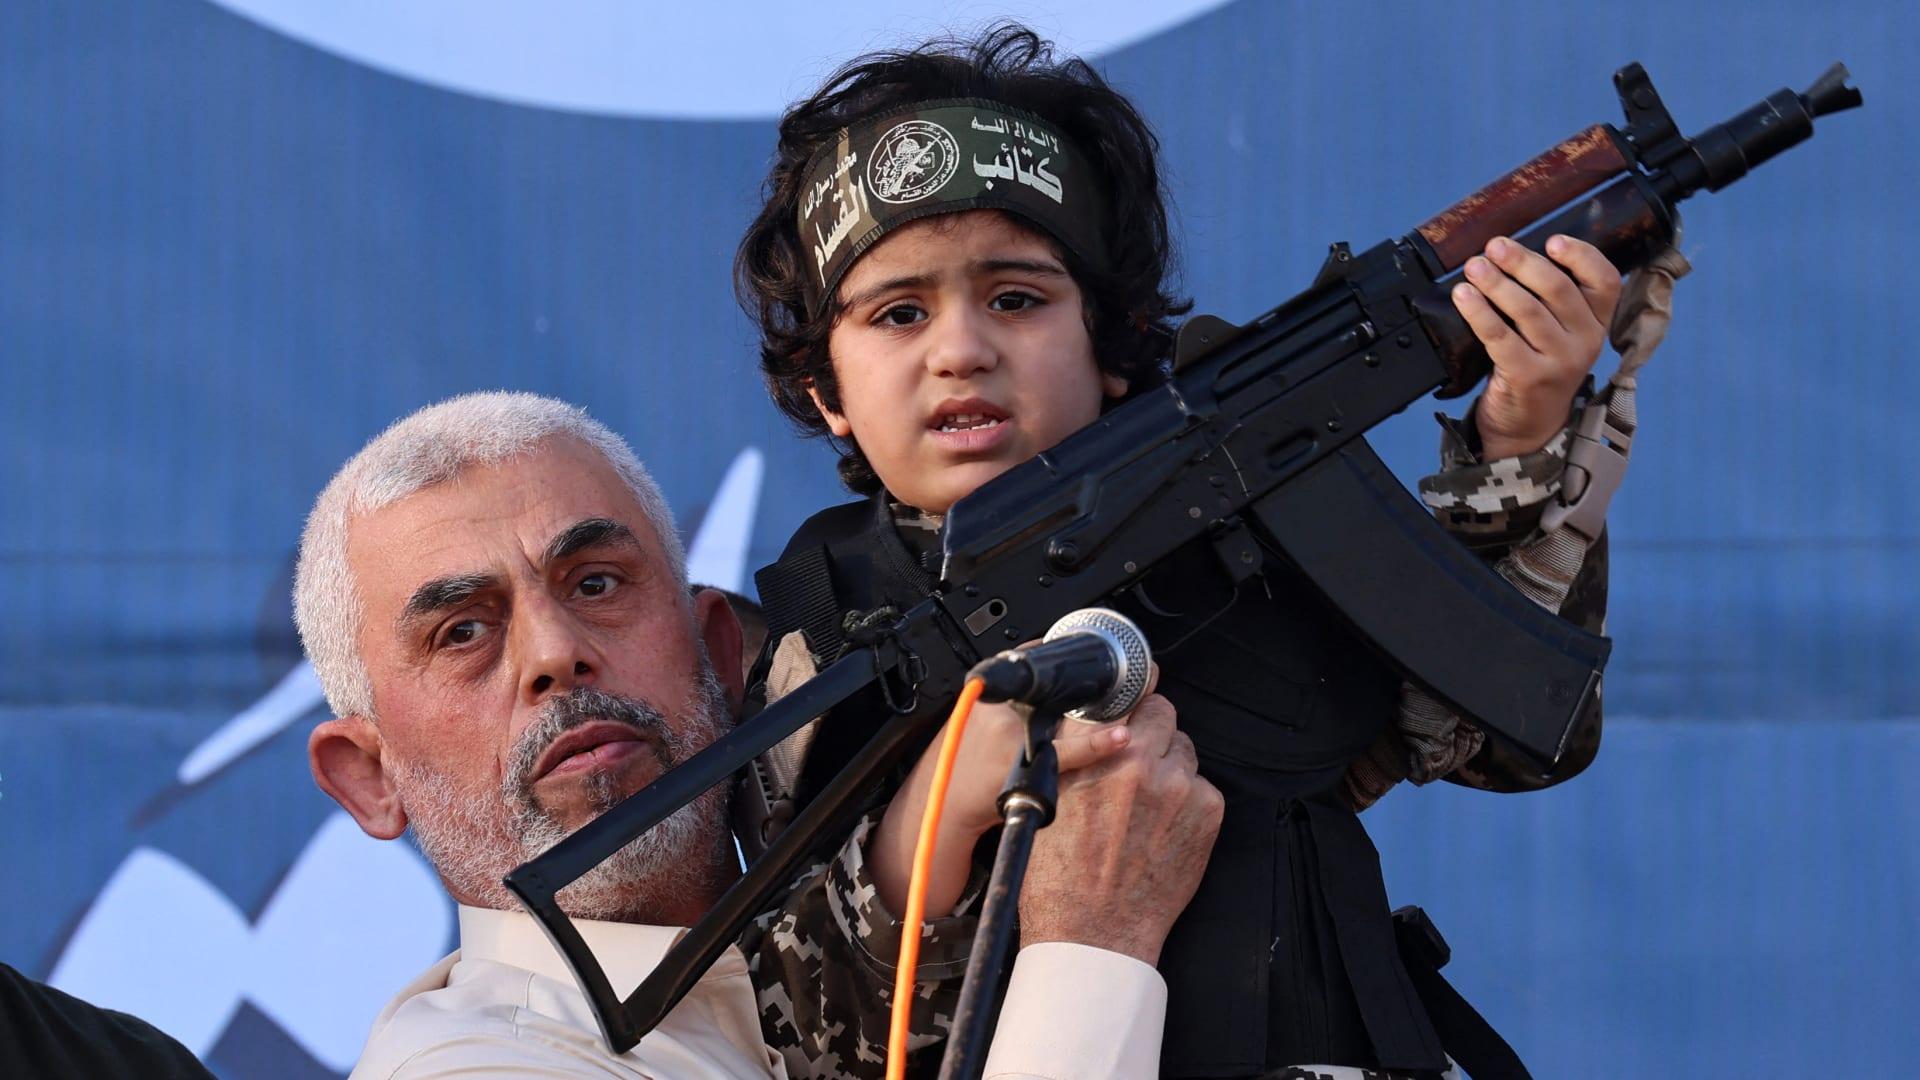 الجيش الإسرائيلي ينشر فيديو ليحيى سنوار يتفاخر بطفل يحمل بندقية